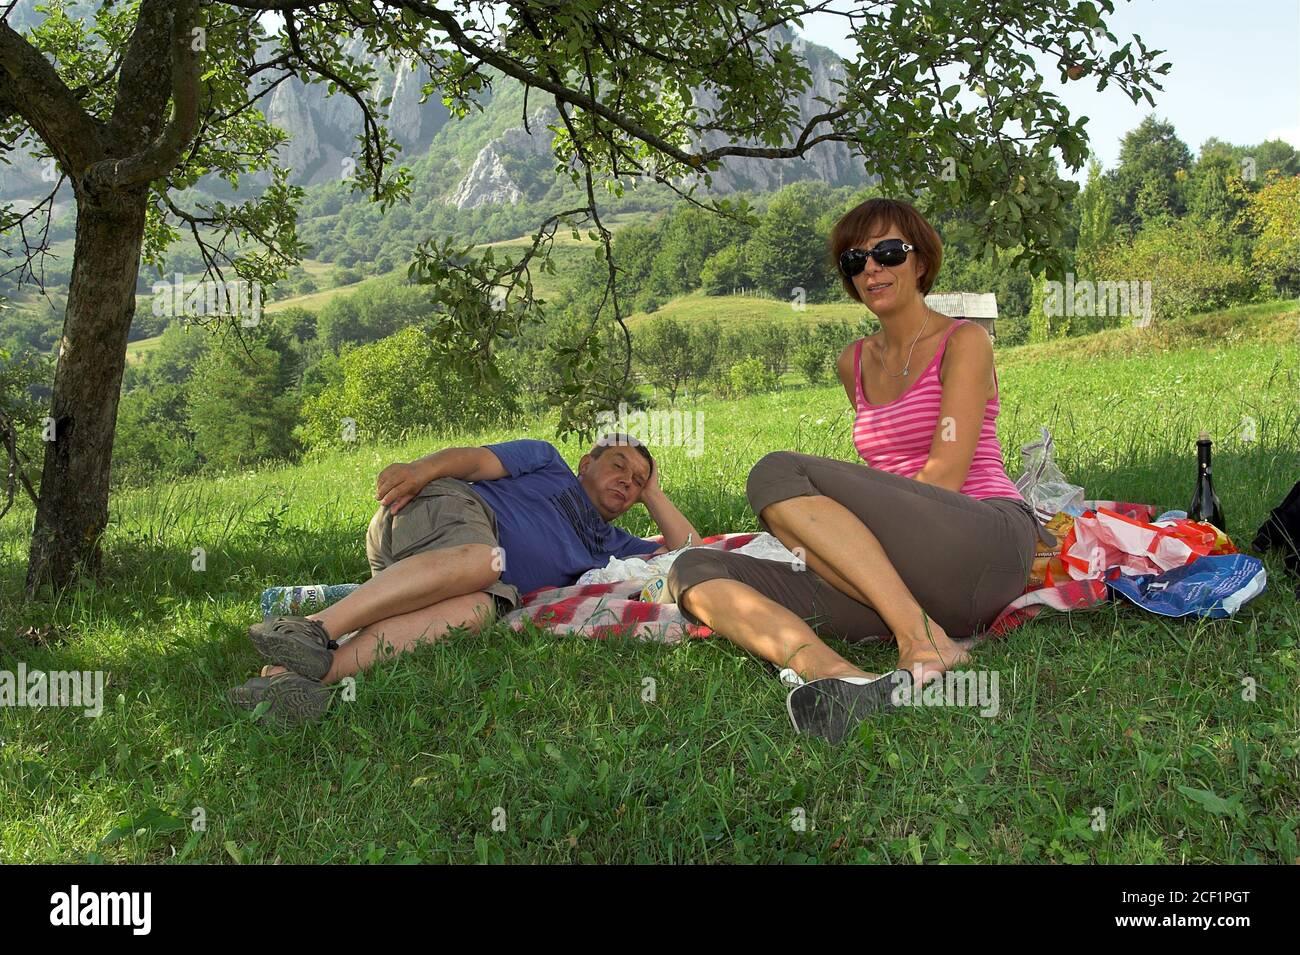 A picnic in the grass under the shade of a tree on a clear summer day. Ein Picknick im Gras im Schatten eines Baumes an einem klaren Sommertag. Stock Photo